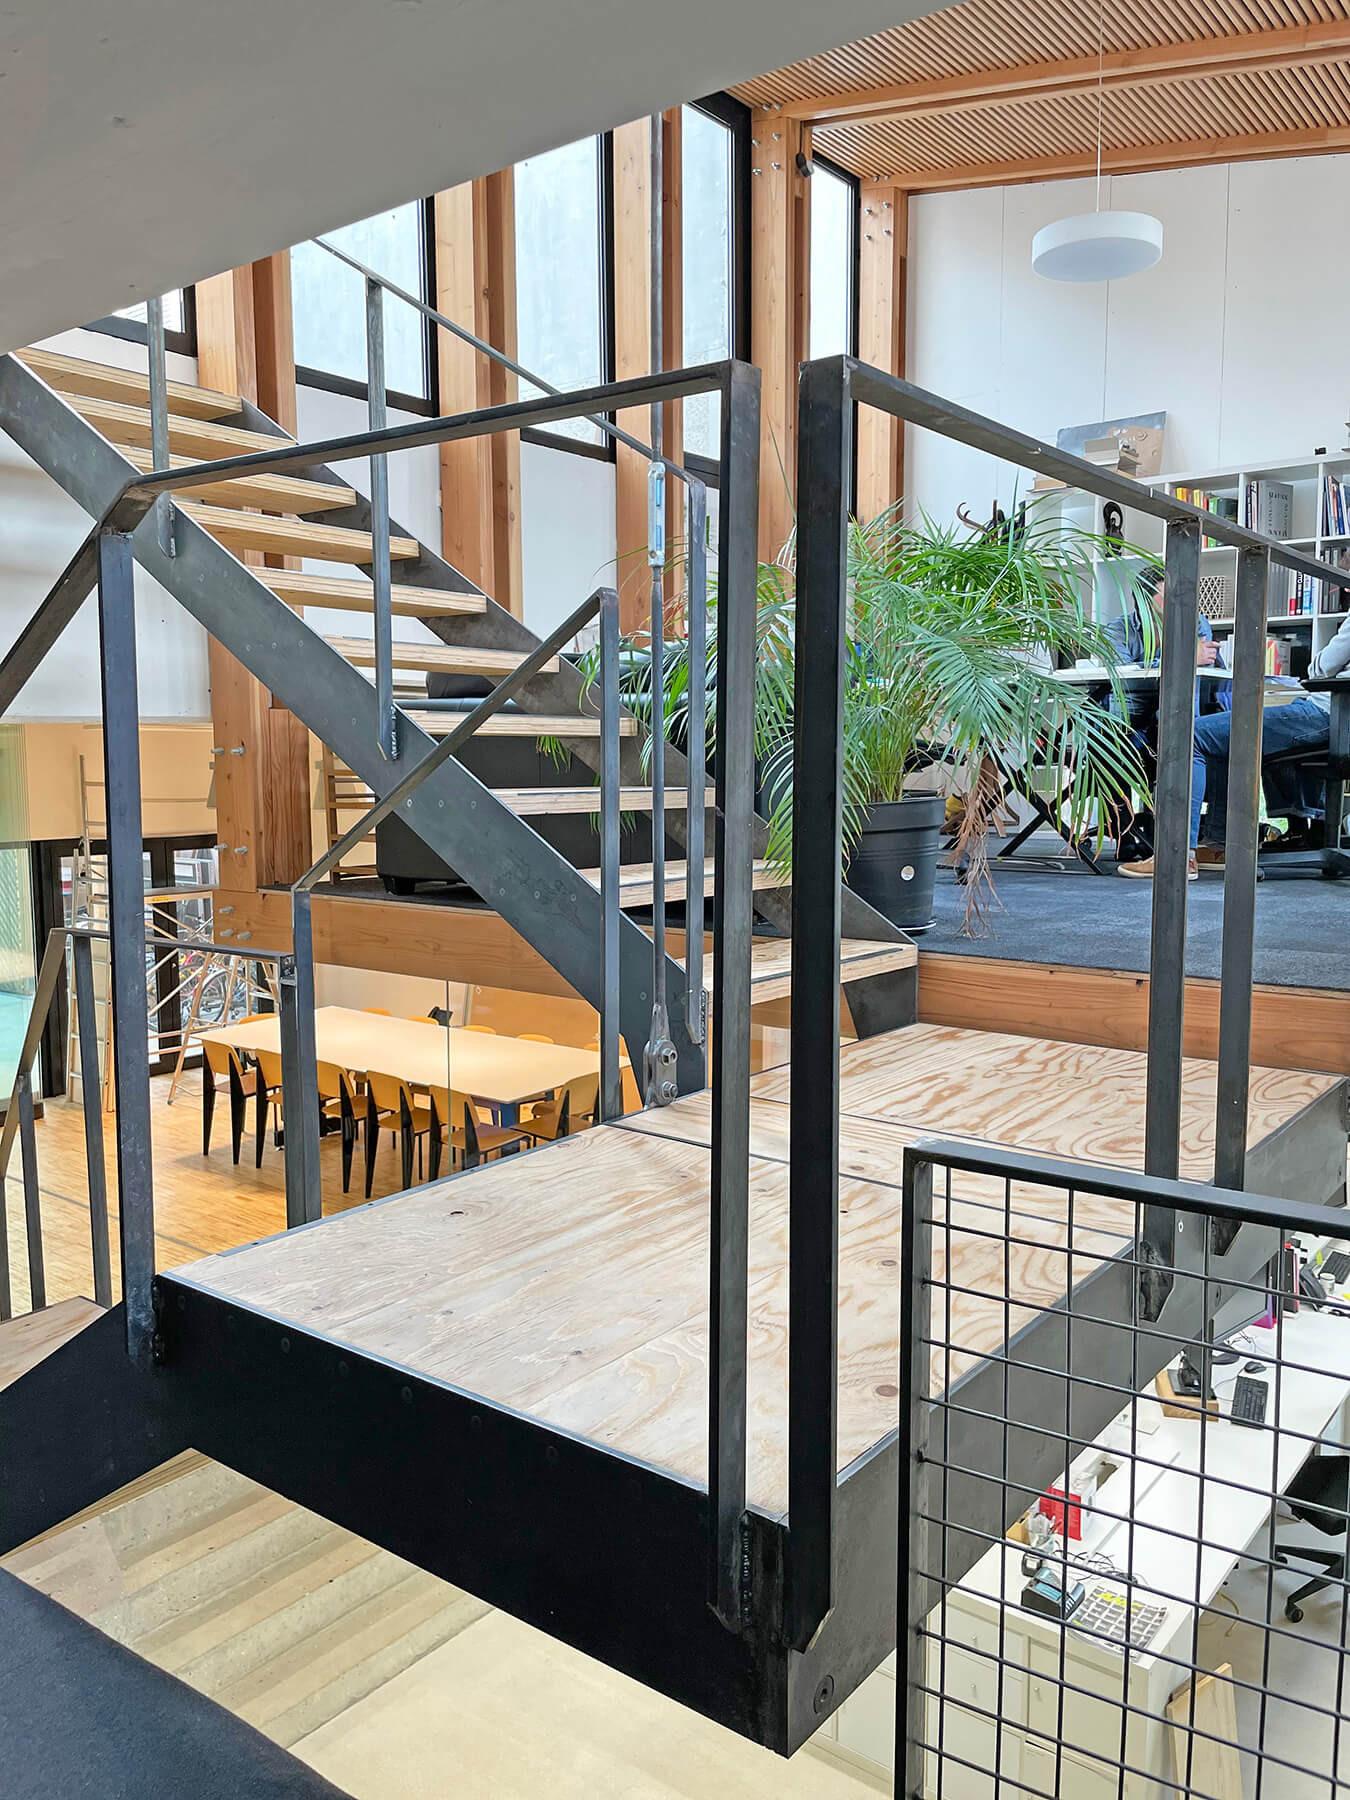 graam-escalier-agence-vue-mezzanine